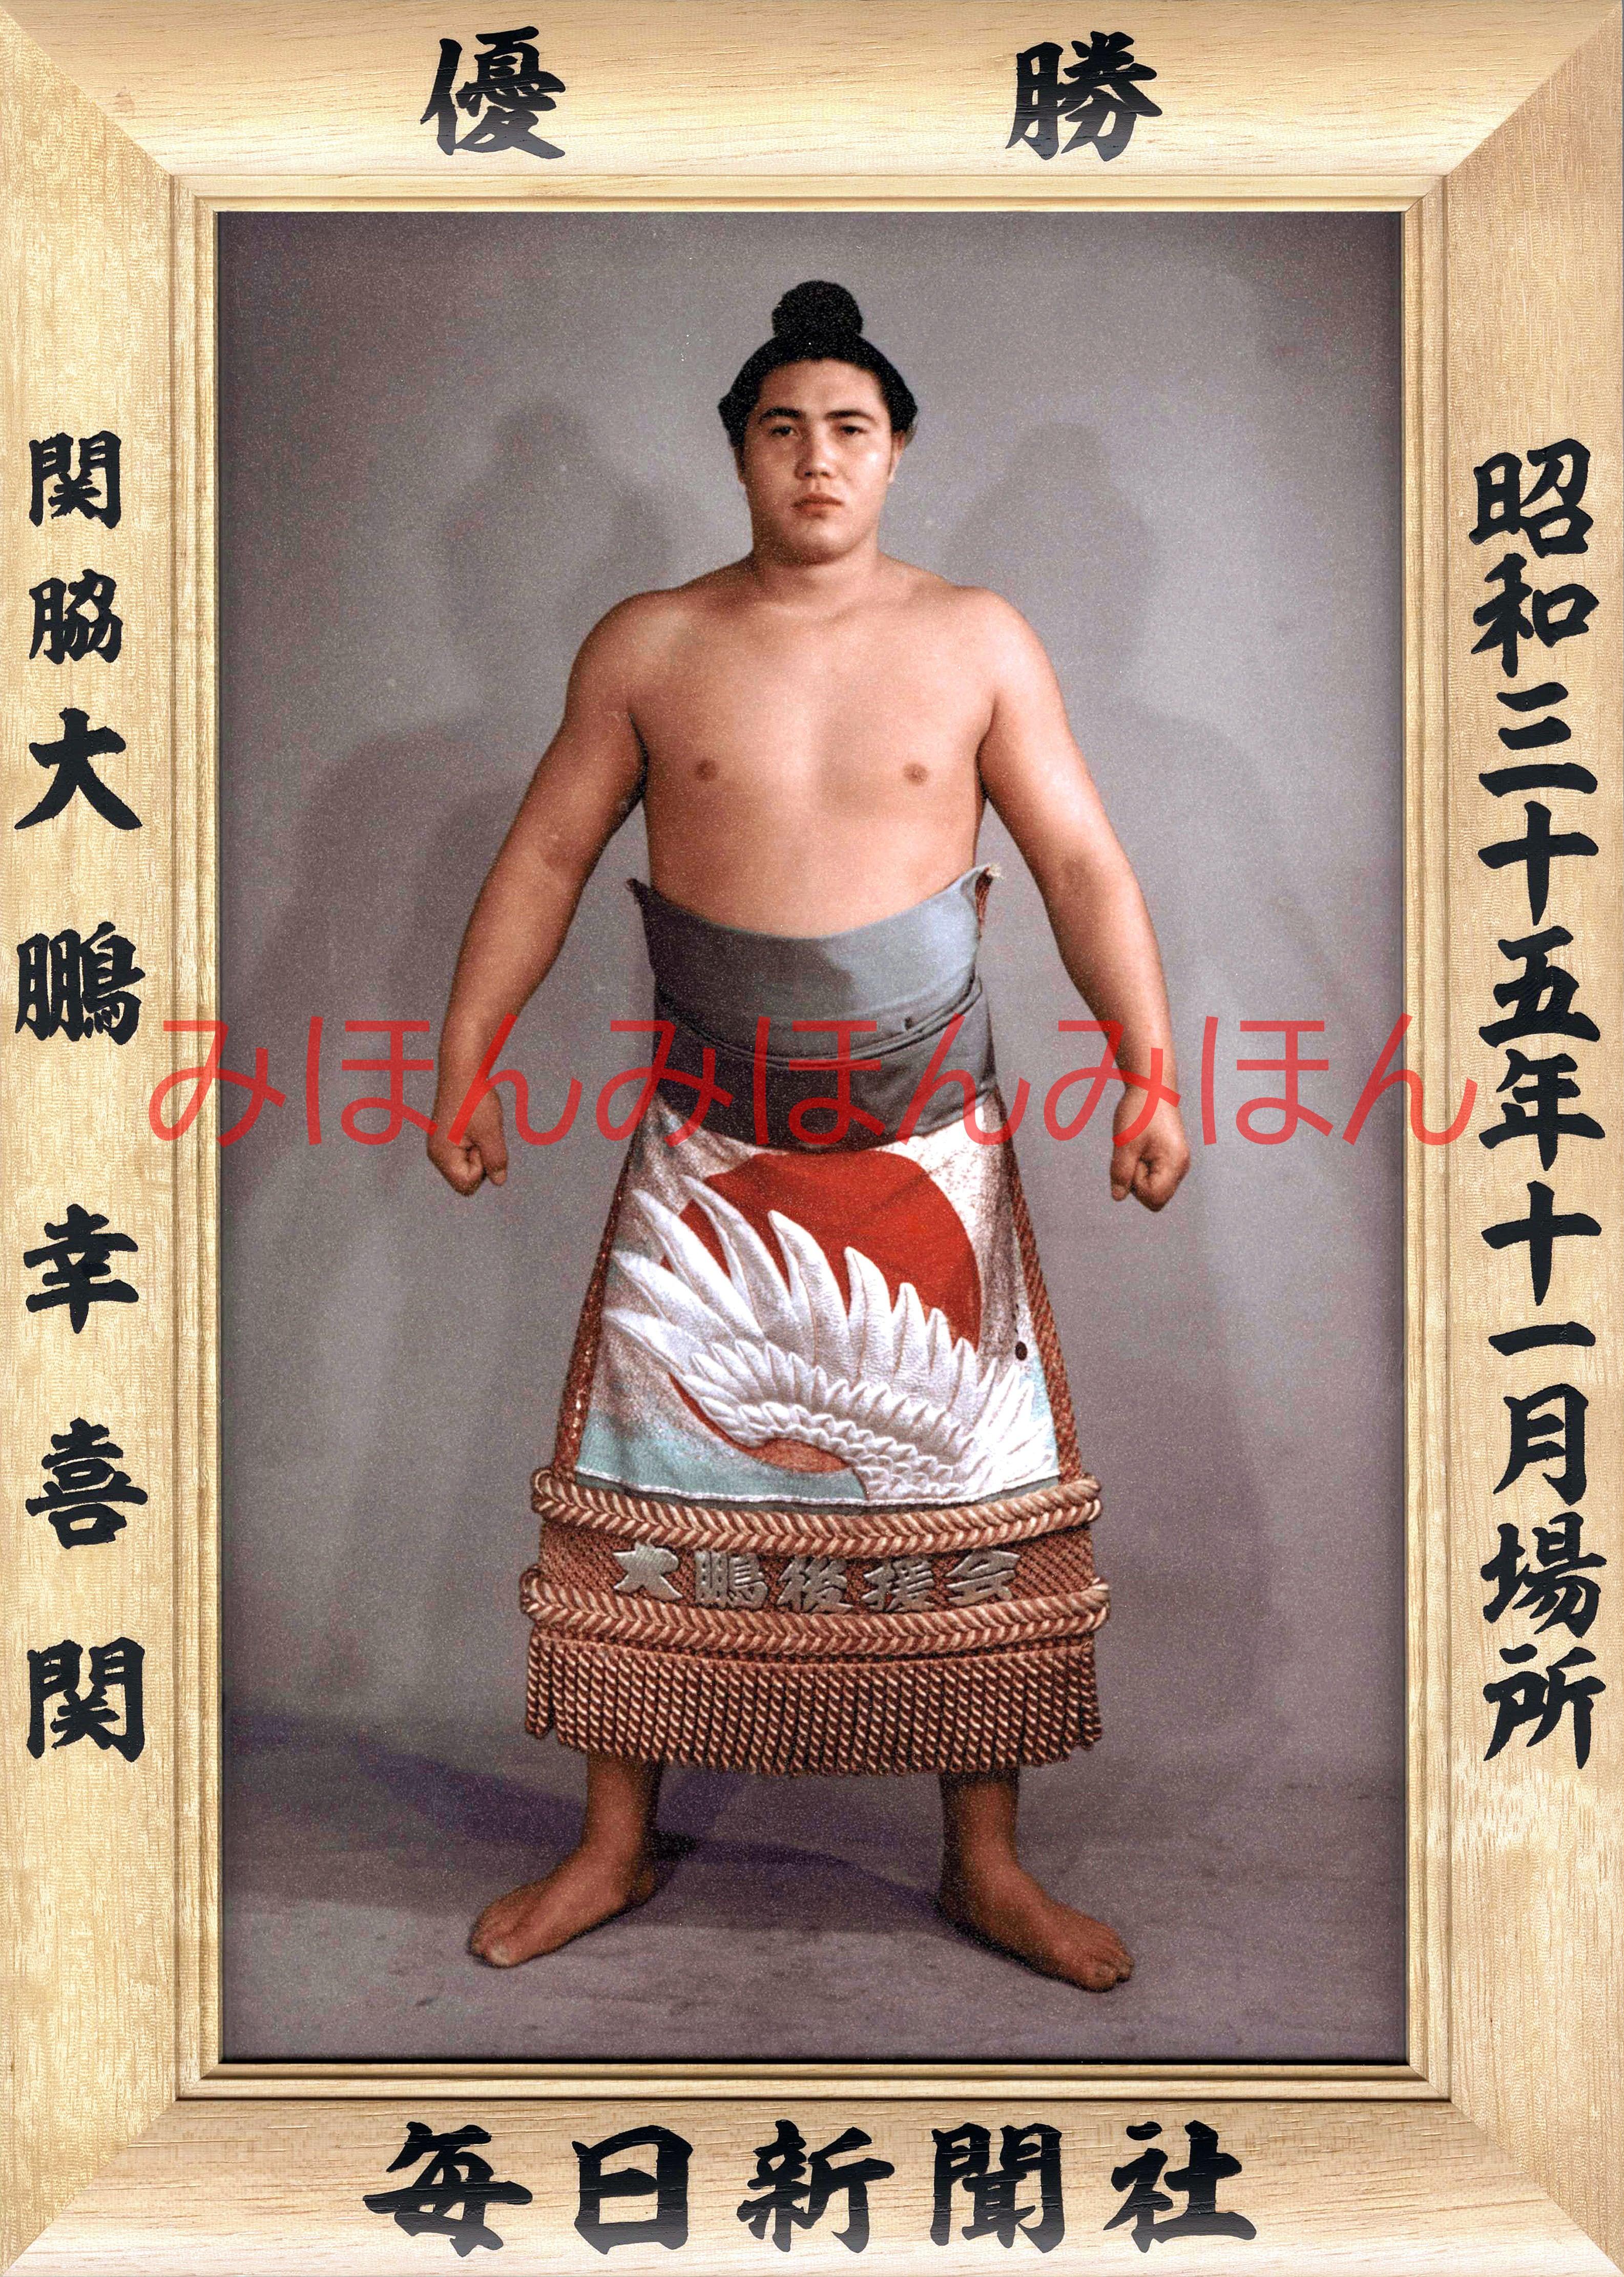 昭和35年11月場所優勝 関脇 大鵬幸喜関(初優勝)